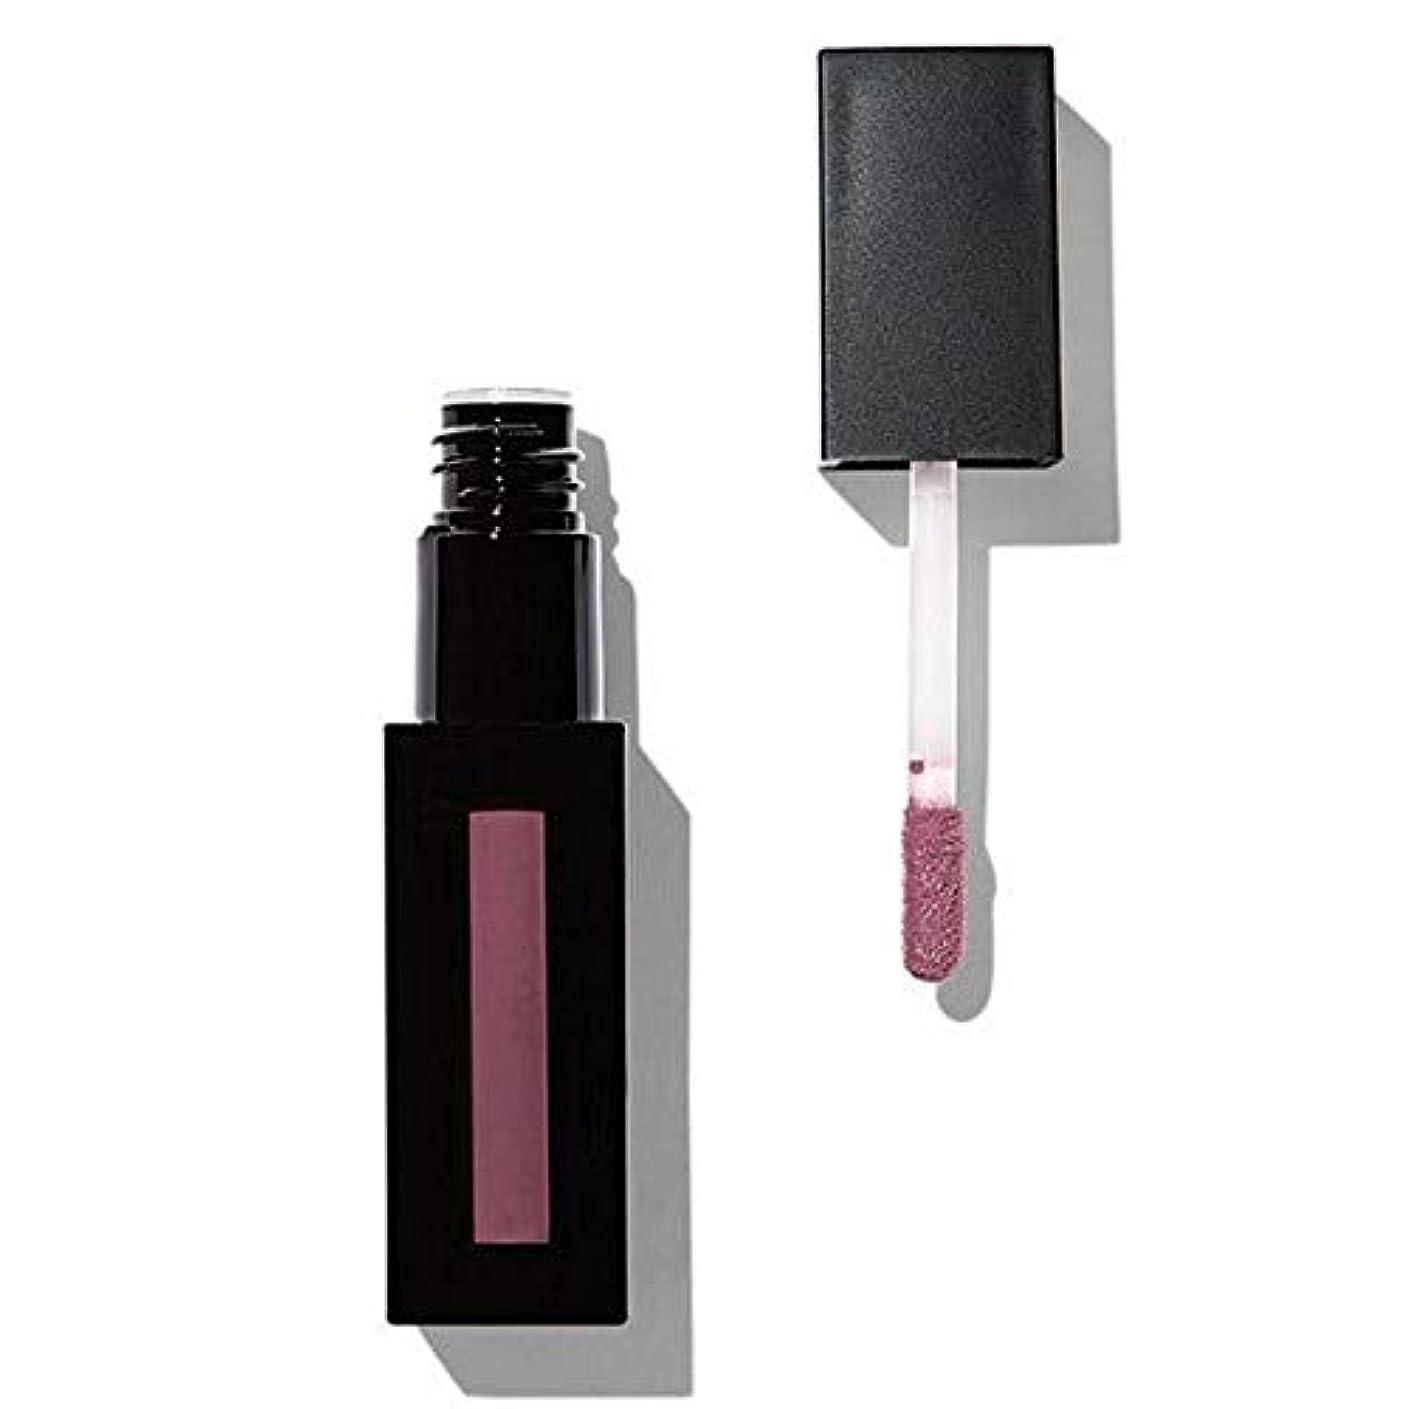 郵便物豊富にローブ[Revolution ] 革命プロ最高のマットリップ顔料先見の明 - Revolution Pro Supreme Matte Lip Pigment Visionary [並行輸入品]